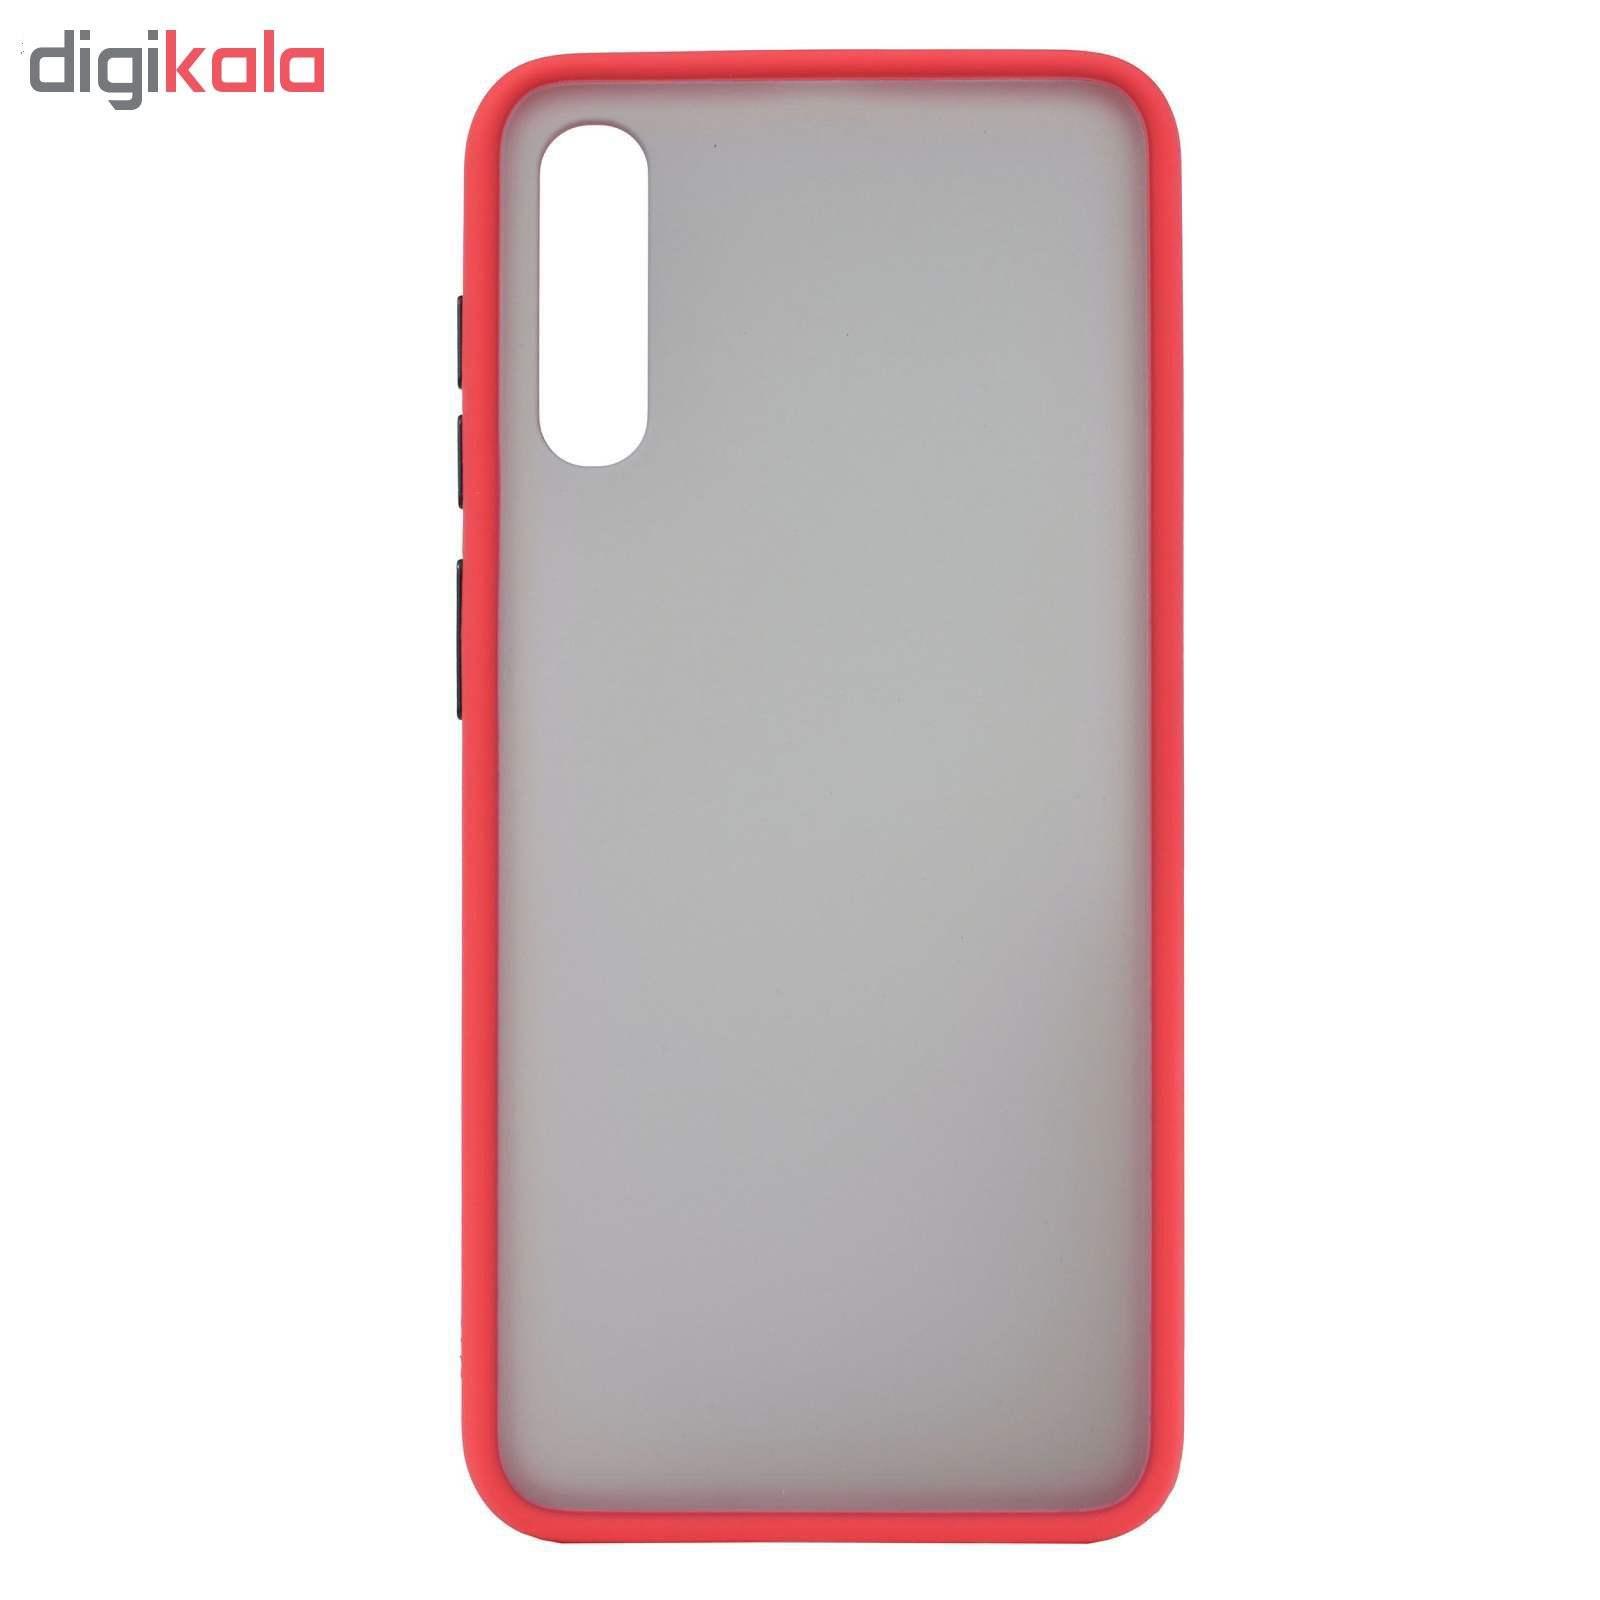 کاور مدل Sb-001 مناسب برای گوشی موبایل سامسونگ Galaxy A50/A30s/A50s main 1 8